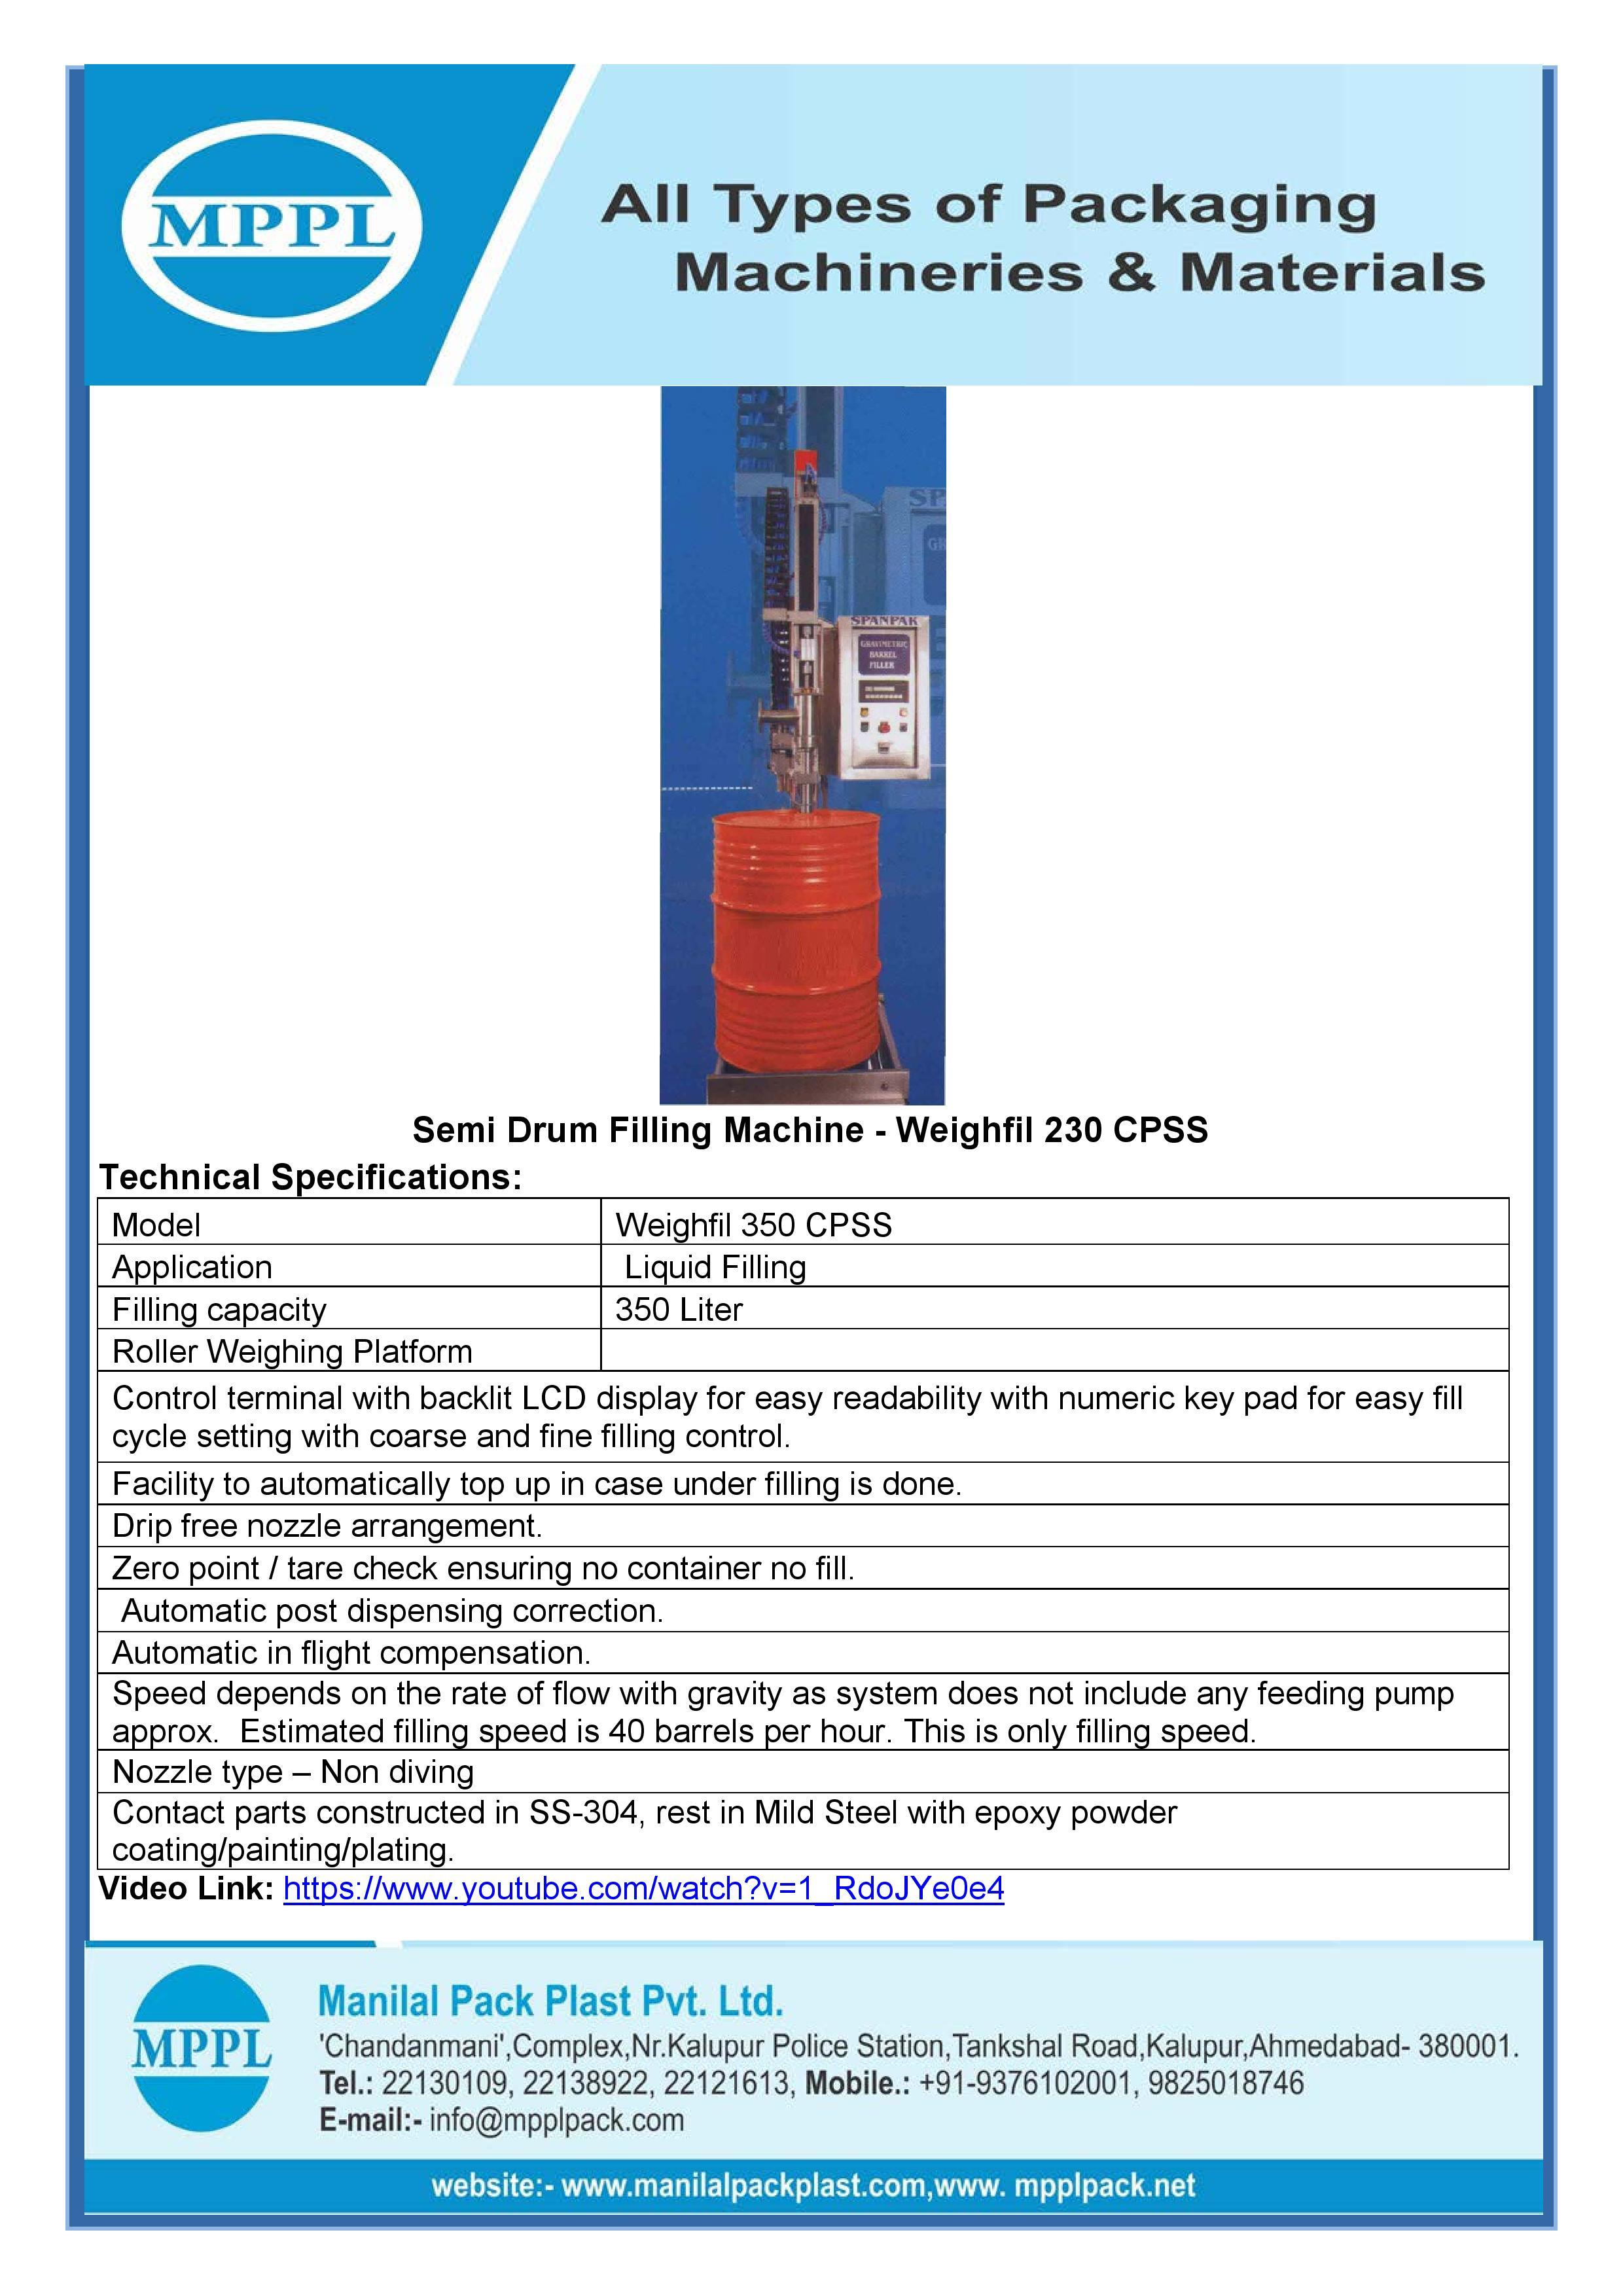 Semi Drum Filling Machine - Weighfil 230 CPSS